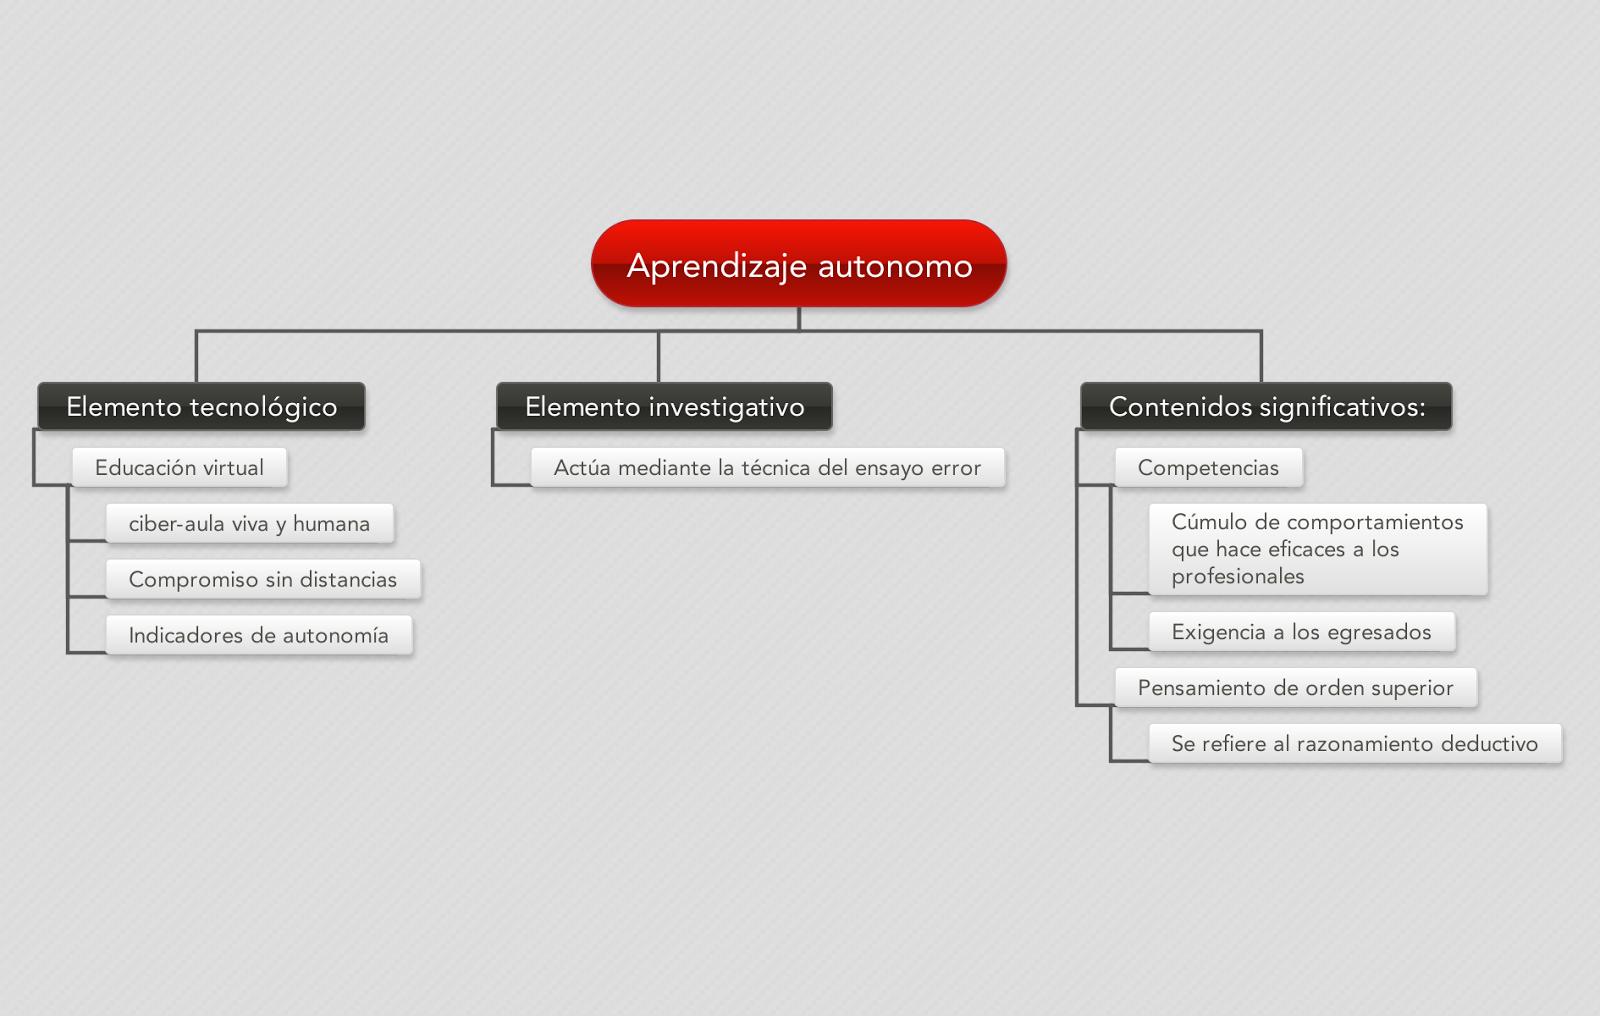 Eder Weiss's Blog: Aprendizaje autonomo